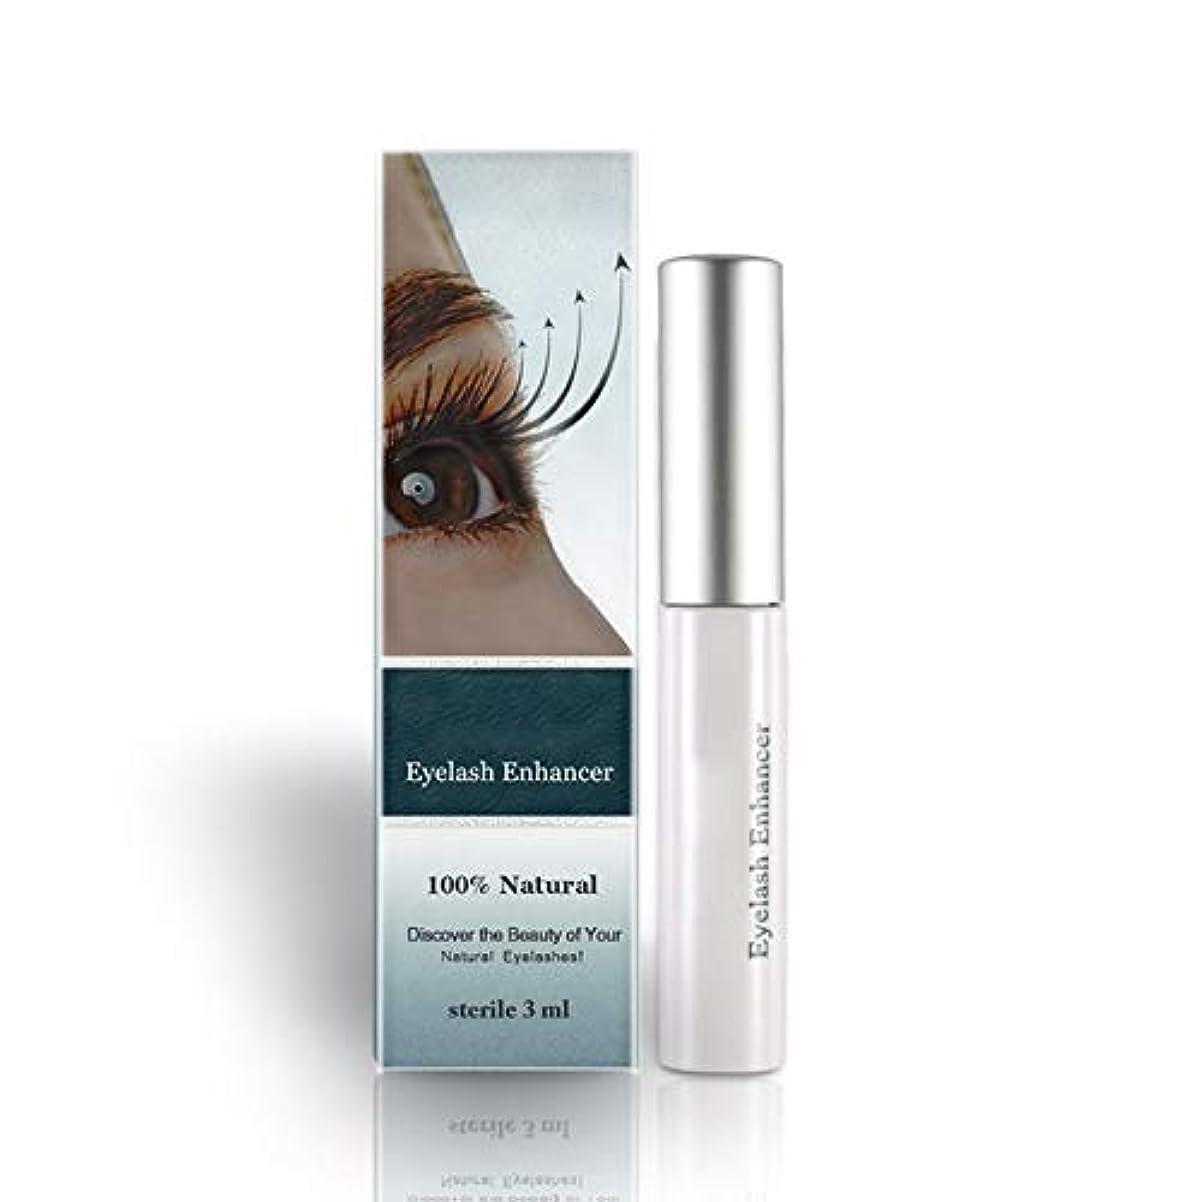 ロバ合体因子美容アクセサリー 3個まつげ成長治療血清天然漢方薬まつげマスカラ延長(まつげ成長血清) 写真美容アクセサリー (色 : Eyelash Growth Serum)